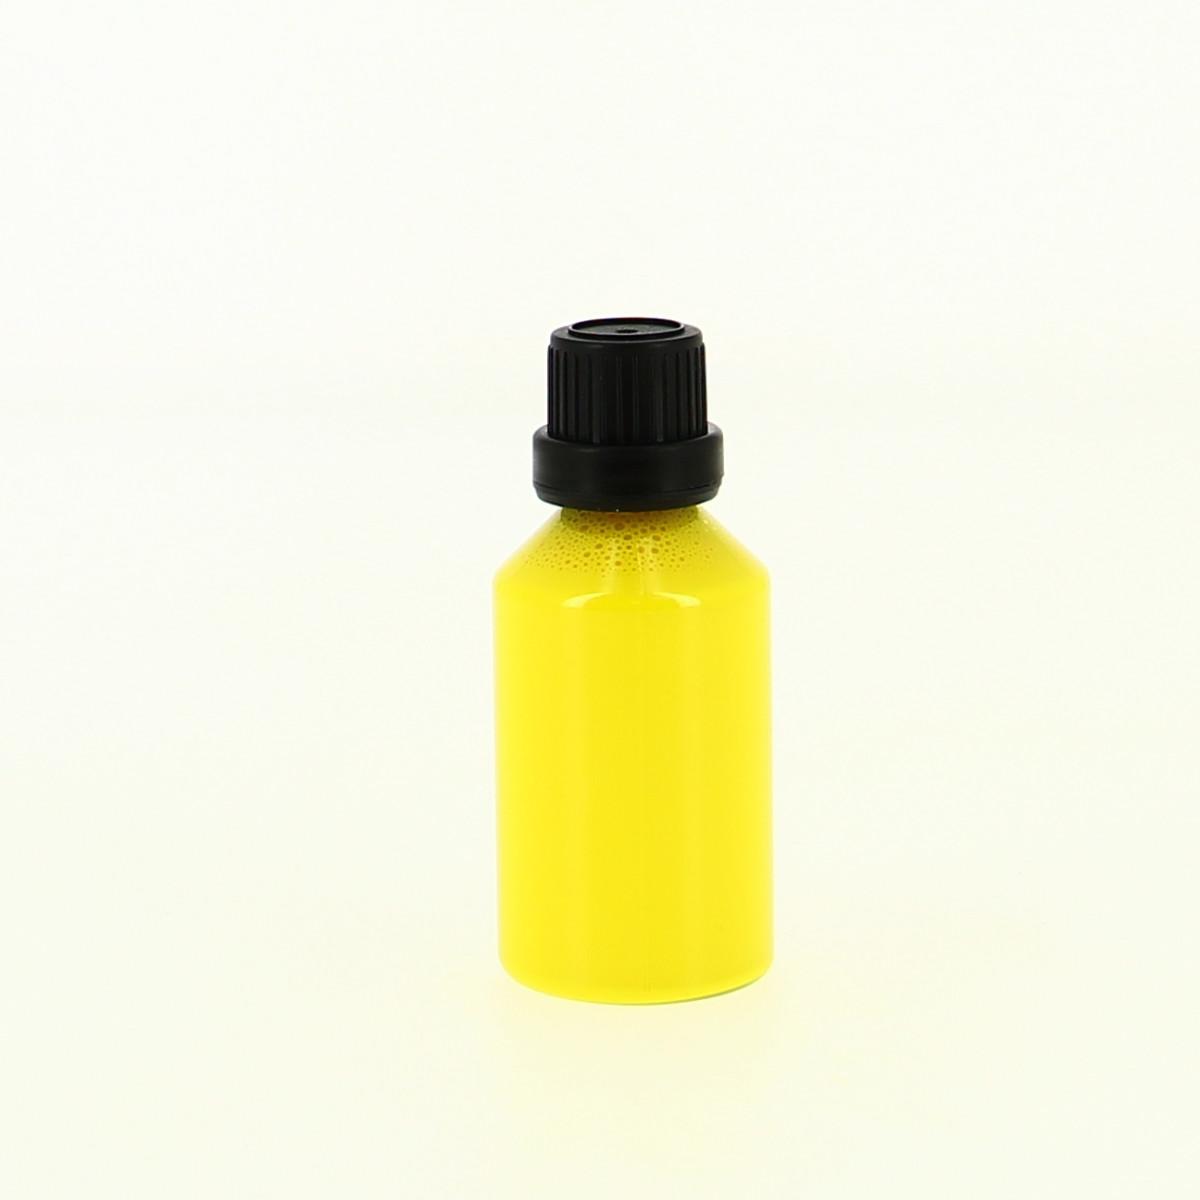 Colorant liquide opaque Jaune d'or